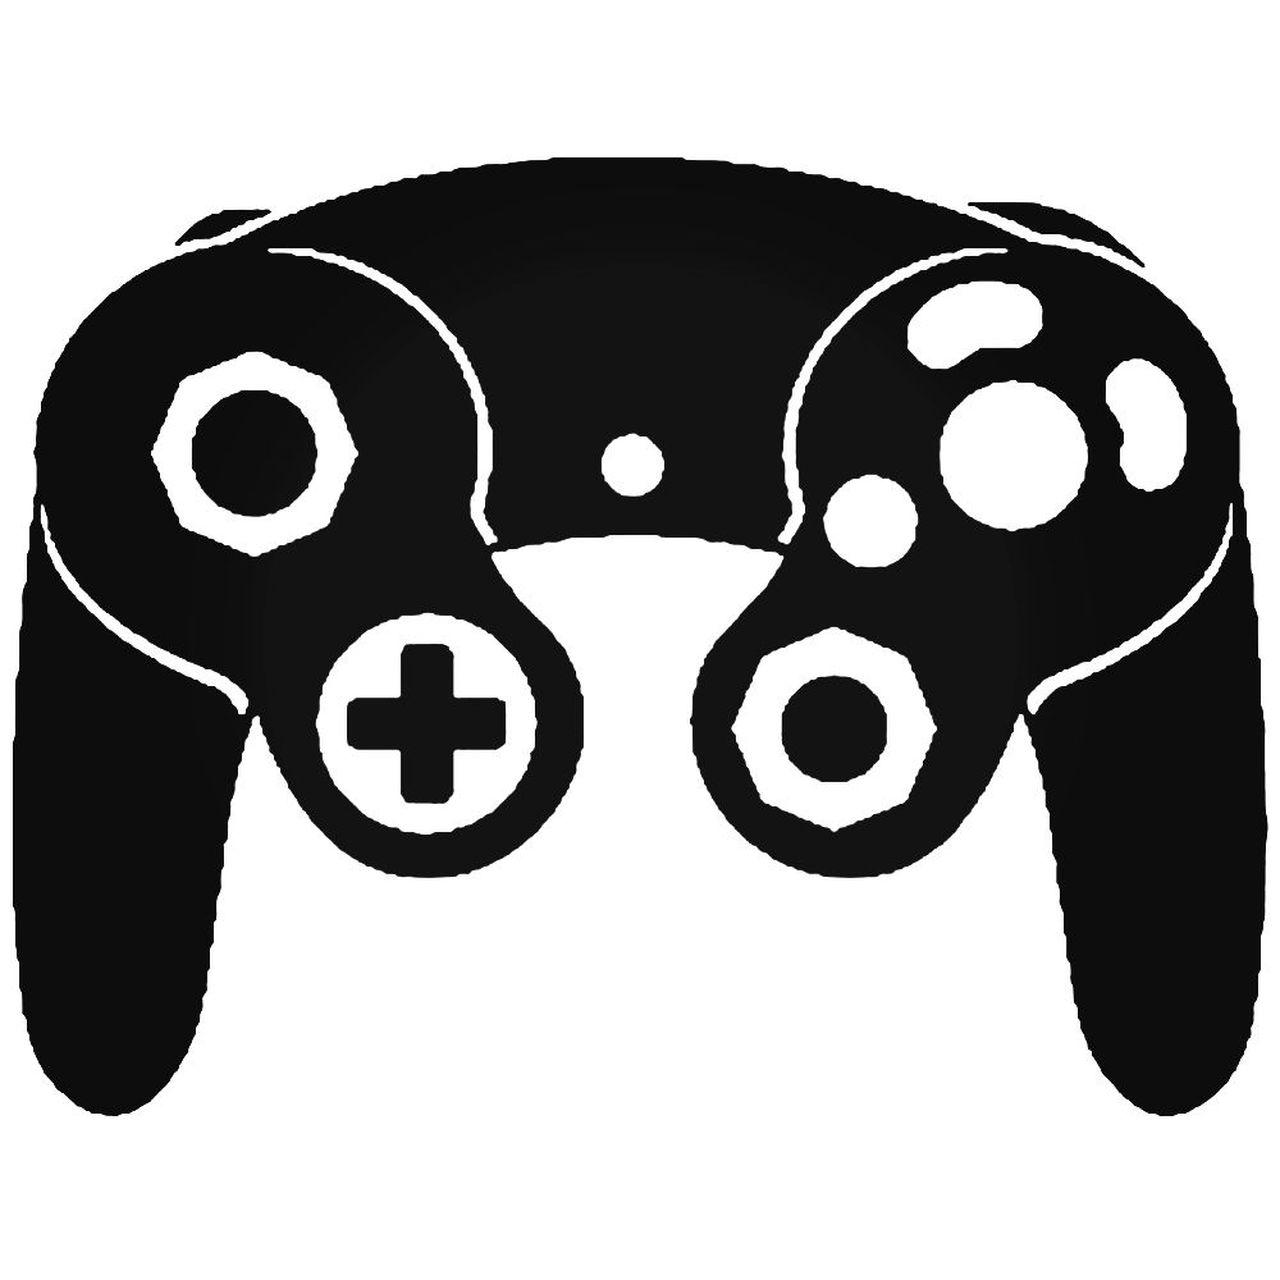 Nintendo Gamecube Controller Mario Wii Gc Decal.